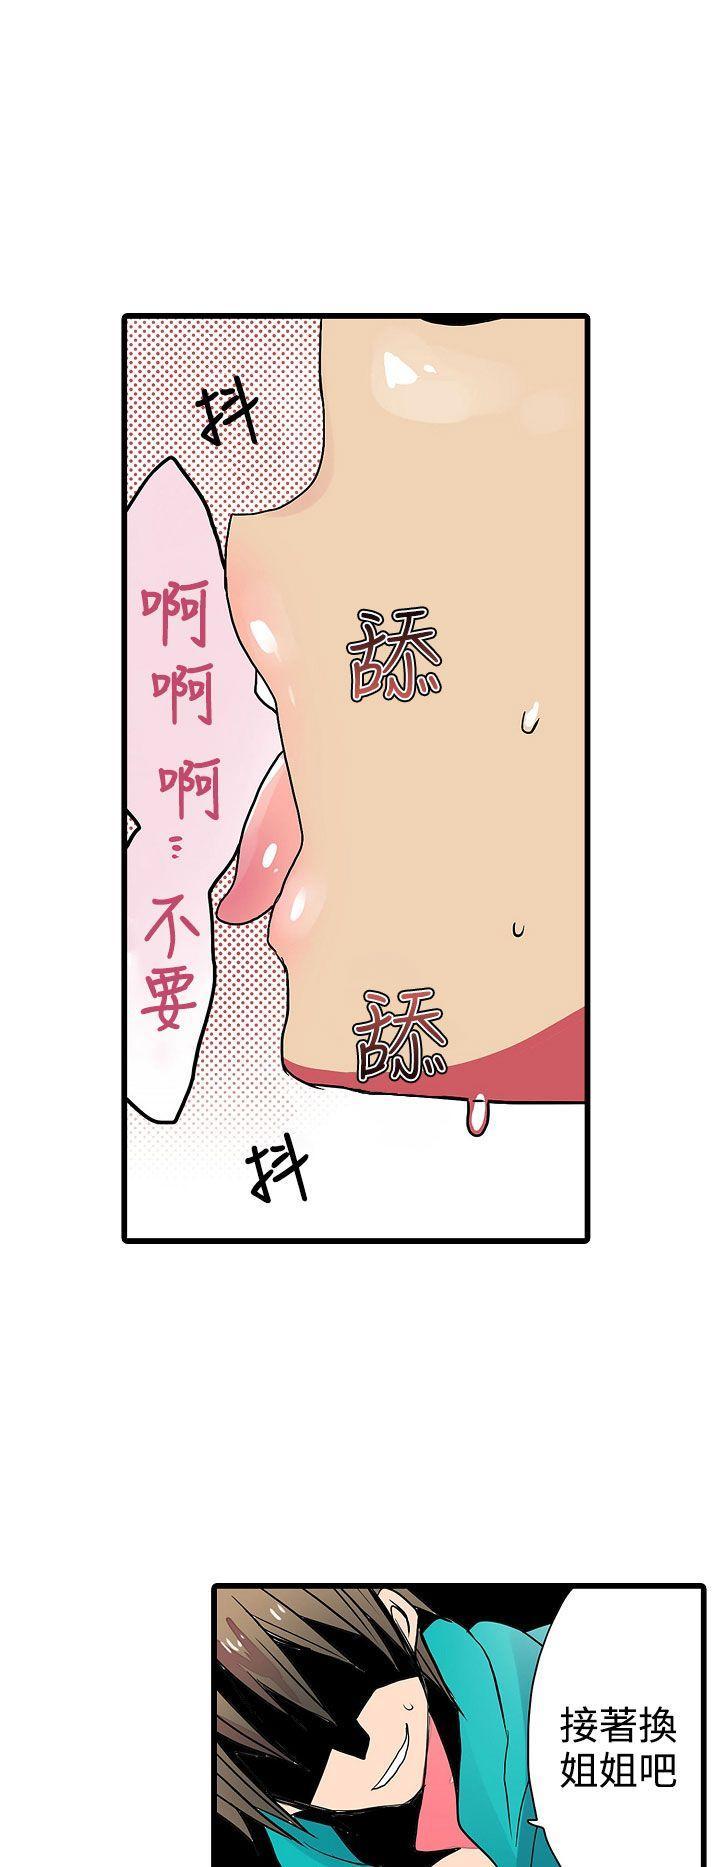 凌辱贩卖机-第24话全彩韩漫标签